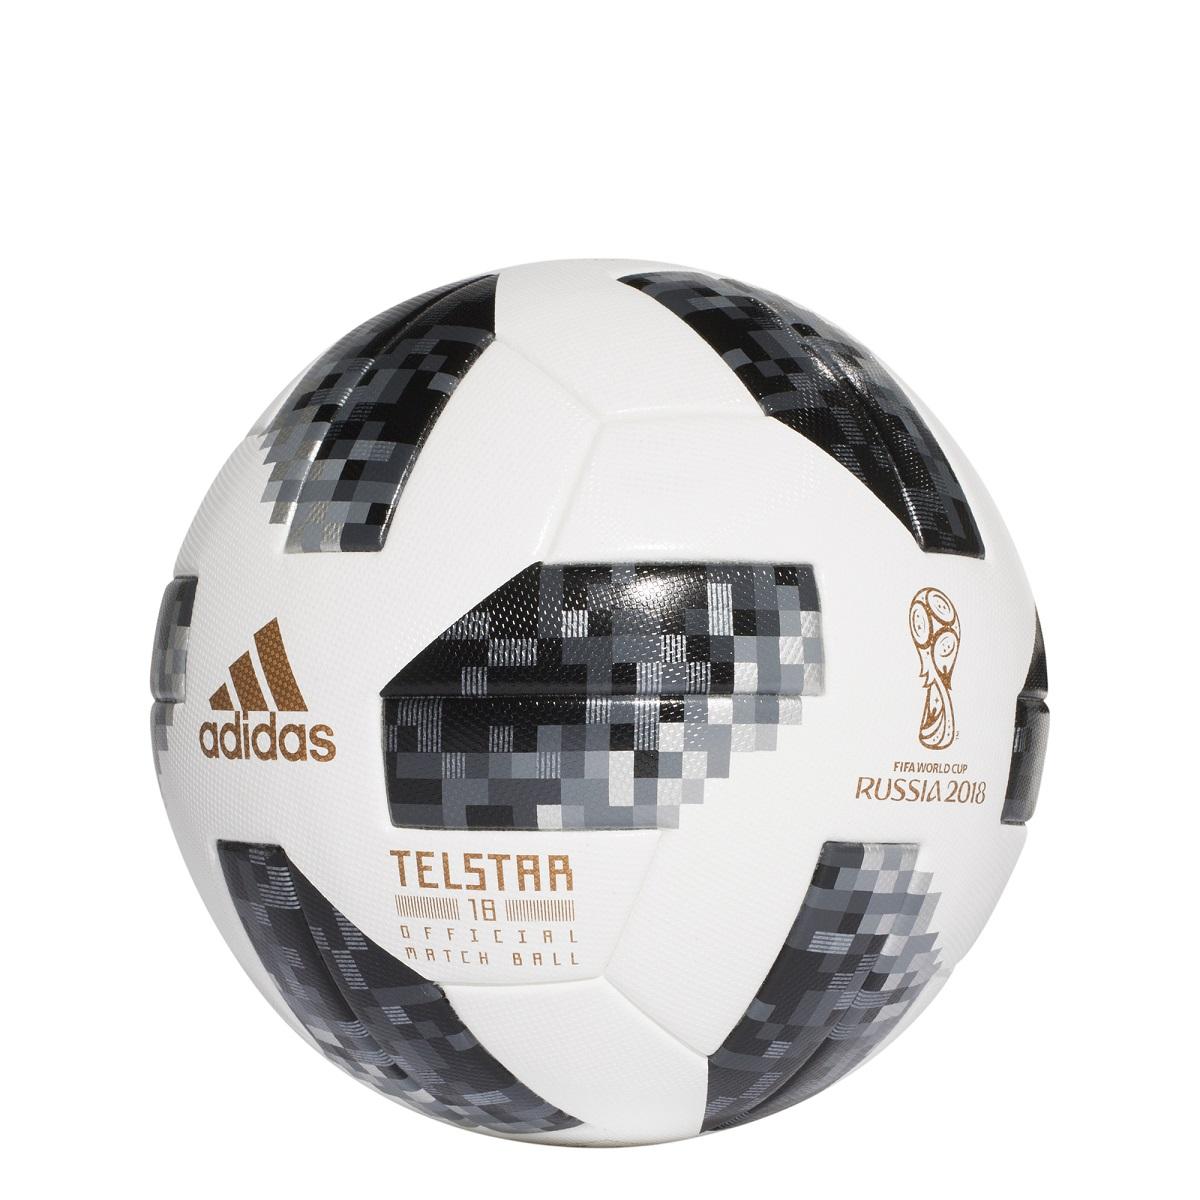 Telstar World Cup match ball 2018